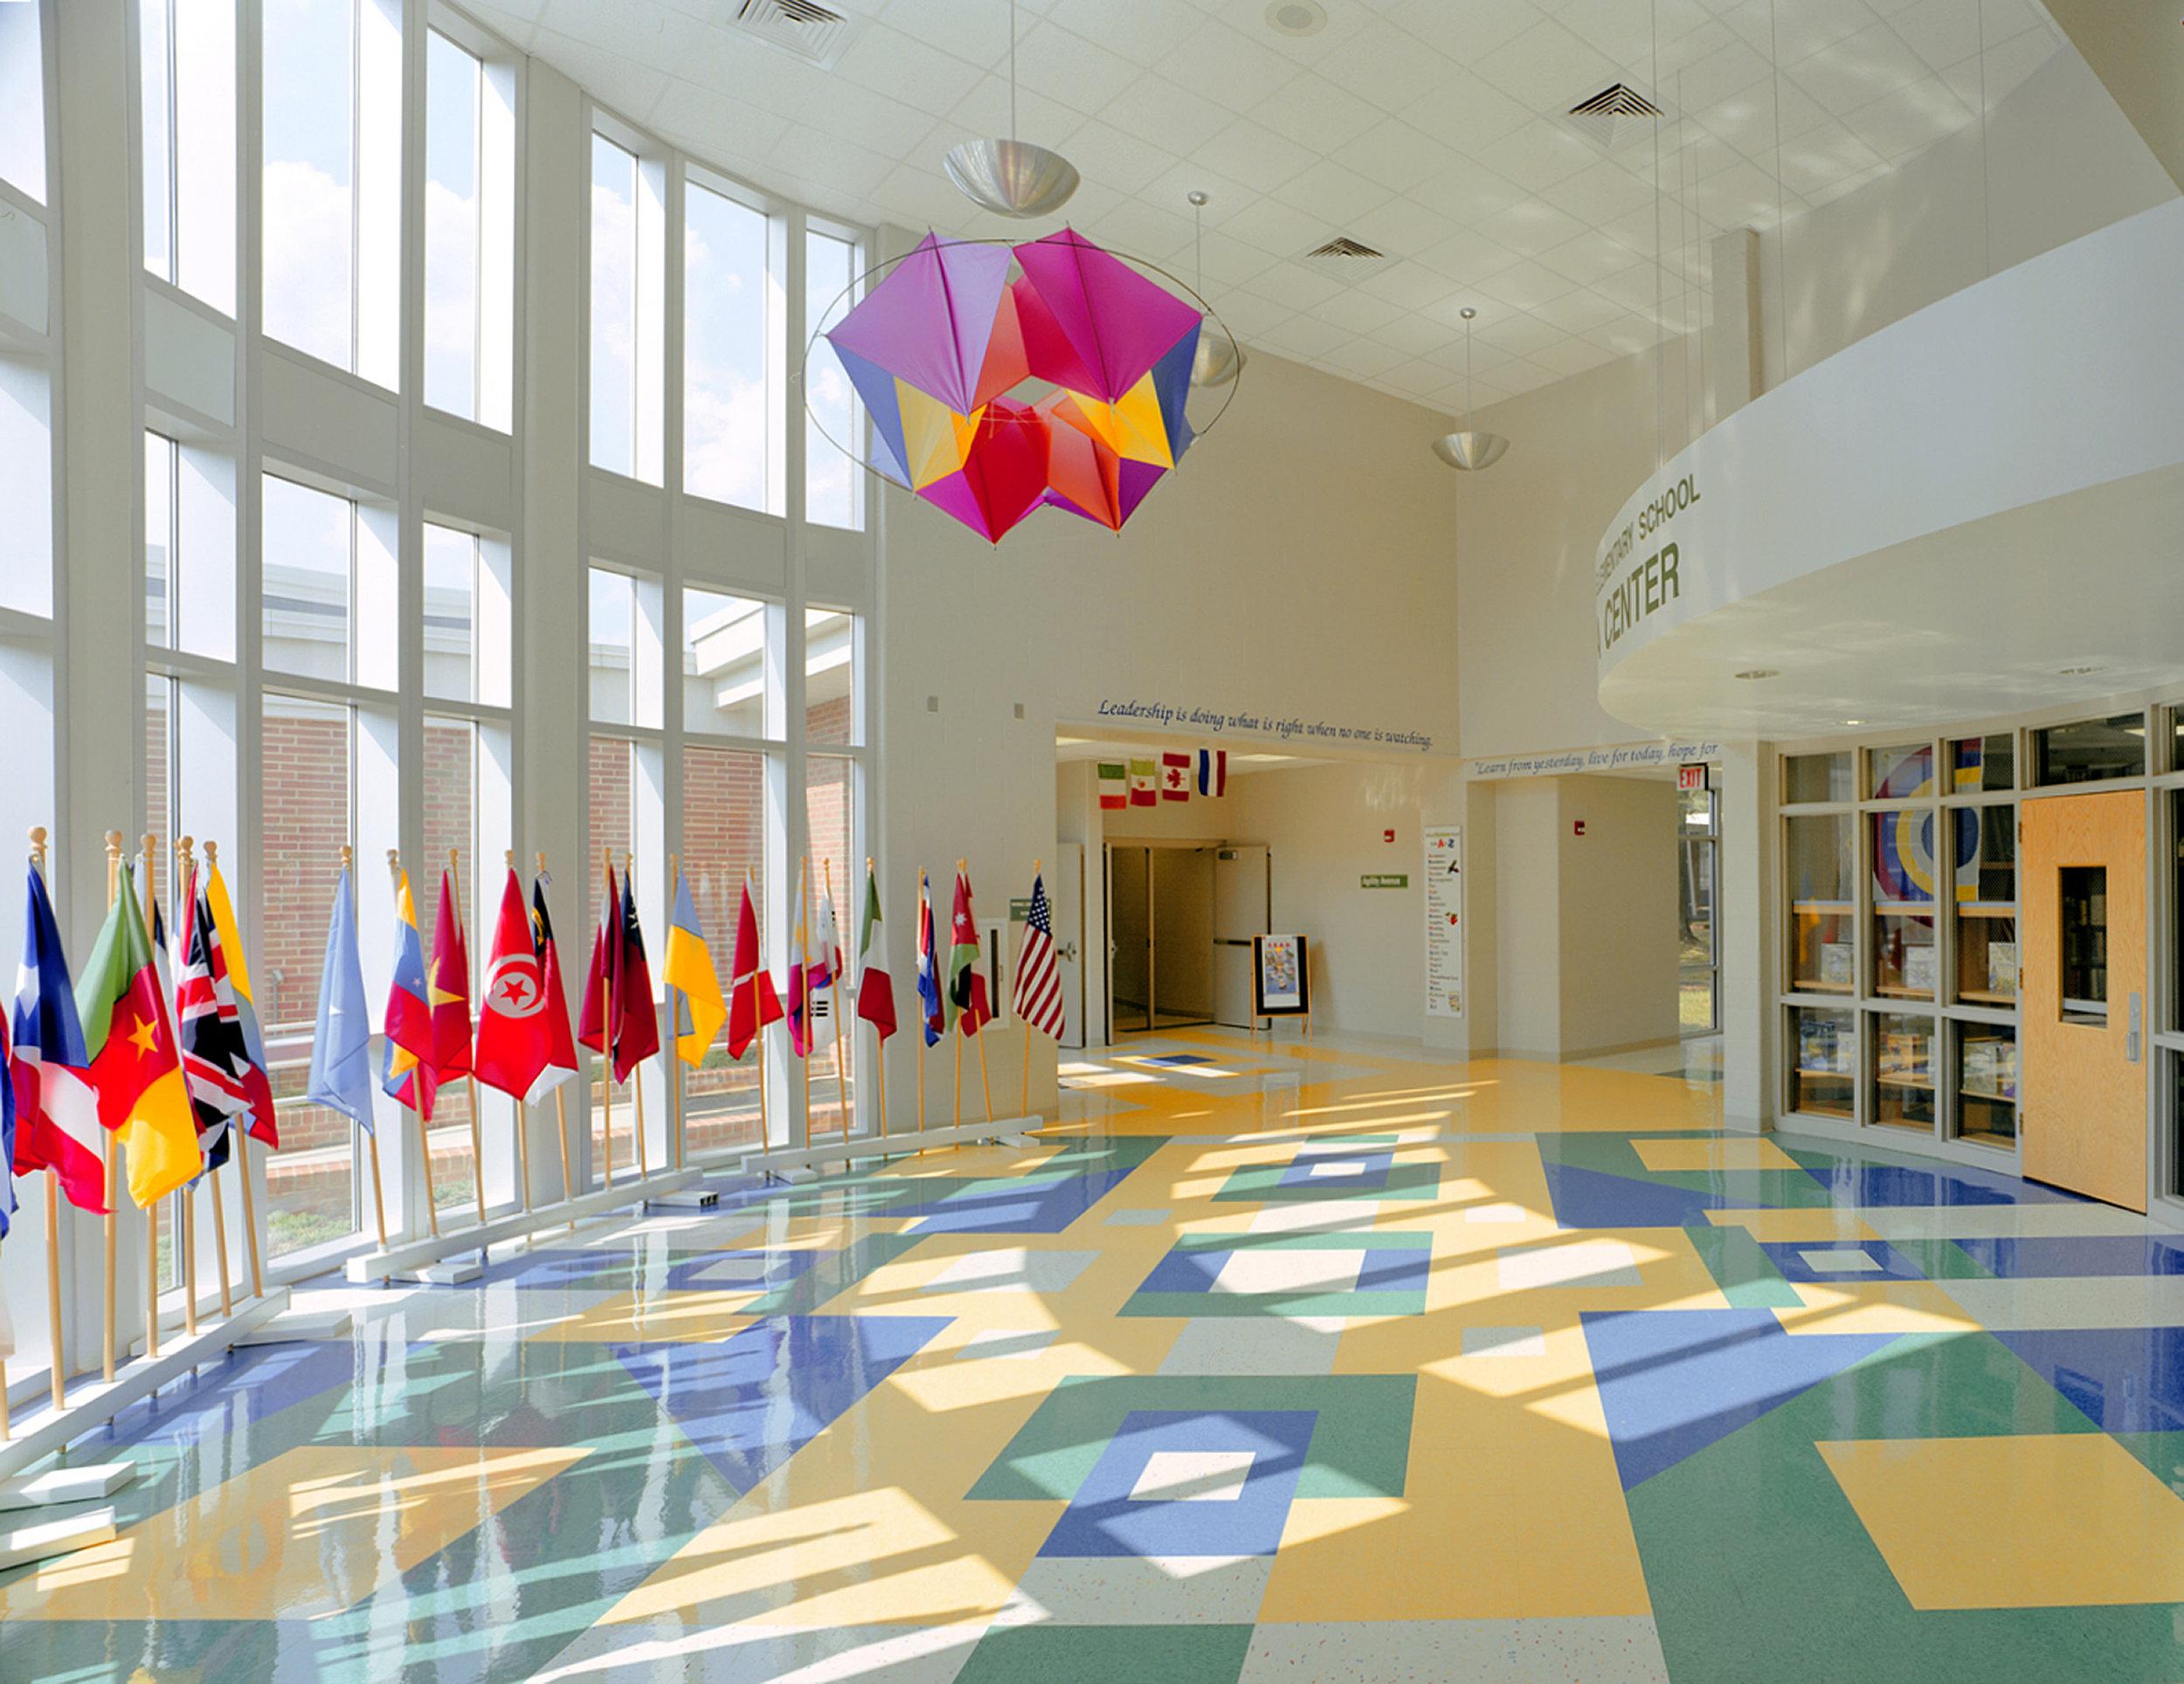 Combs Elementary School